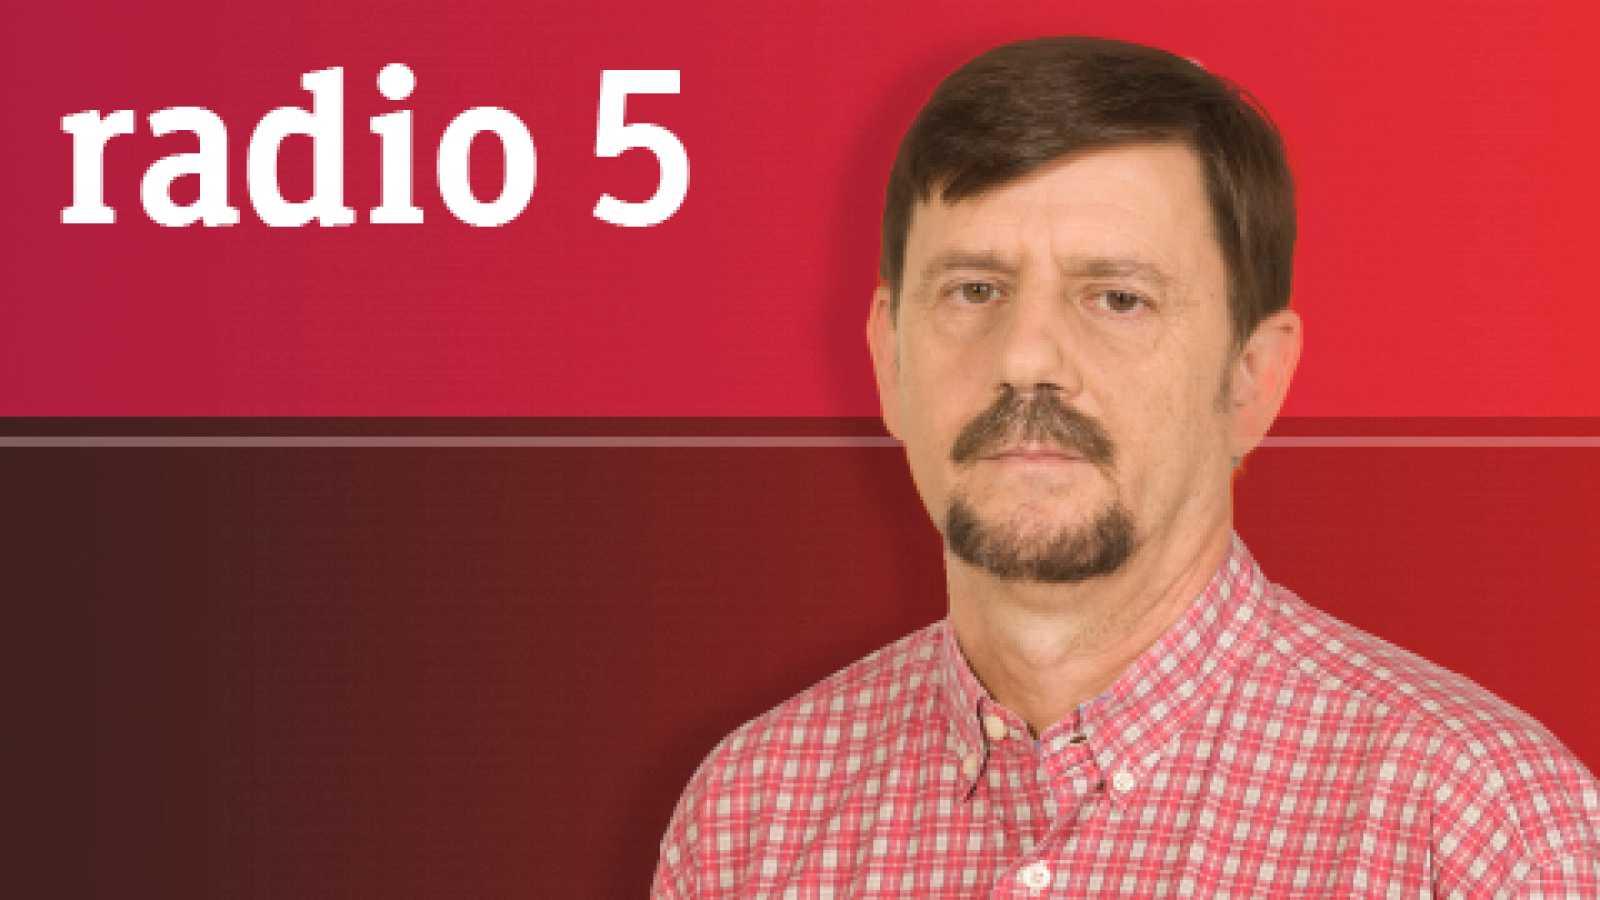 Españoles en la mar en Radio 5 - Especies invasoras - 12/03/20 - escuchar ahora